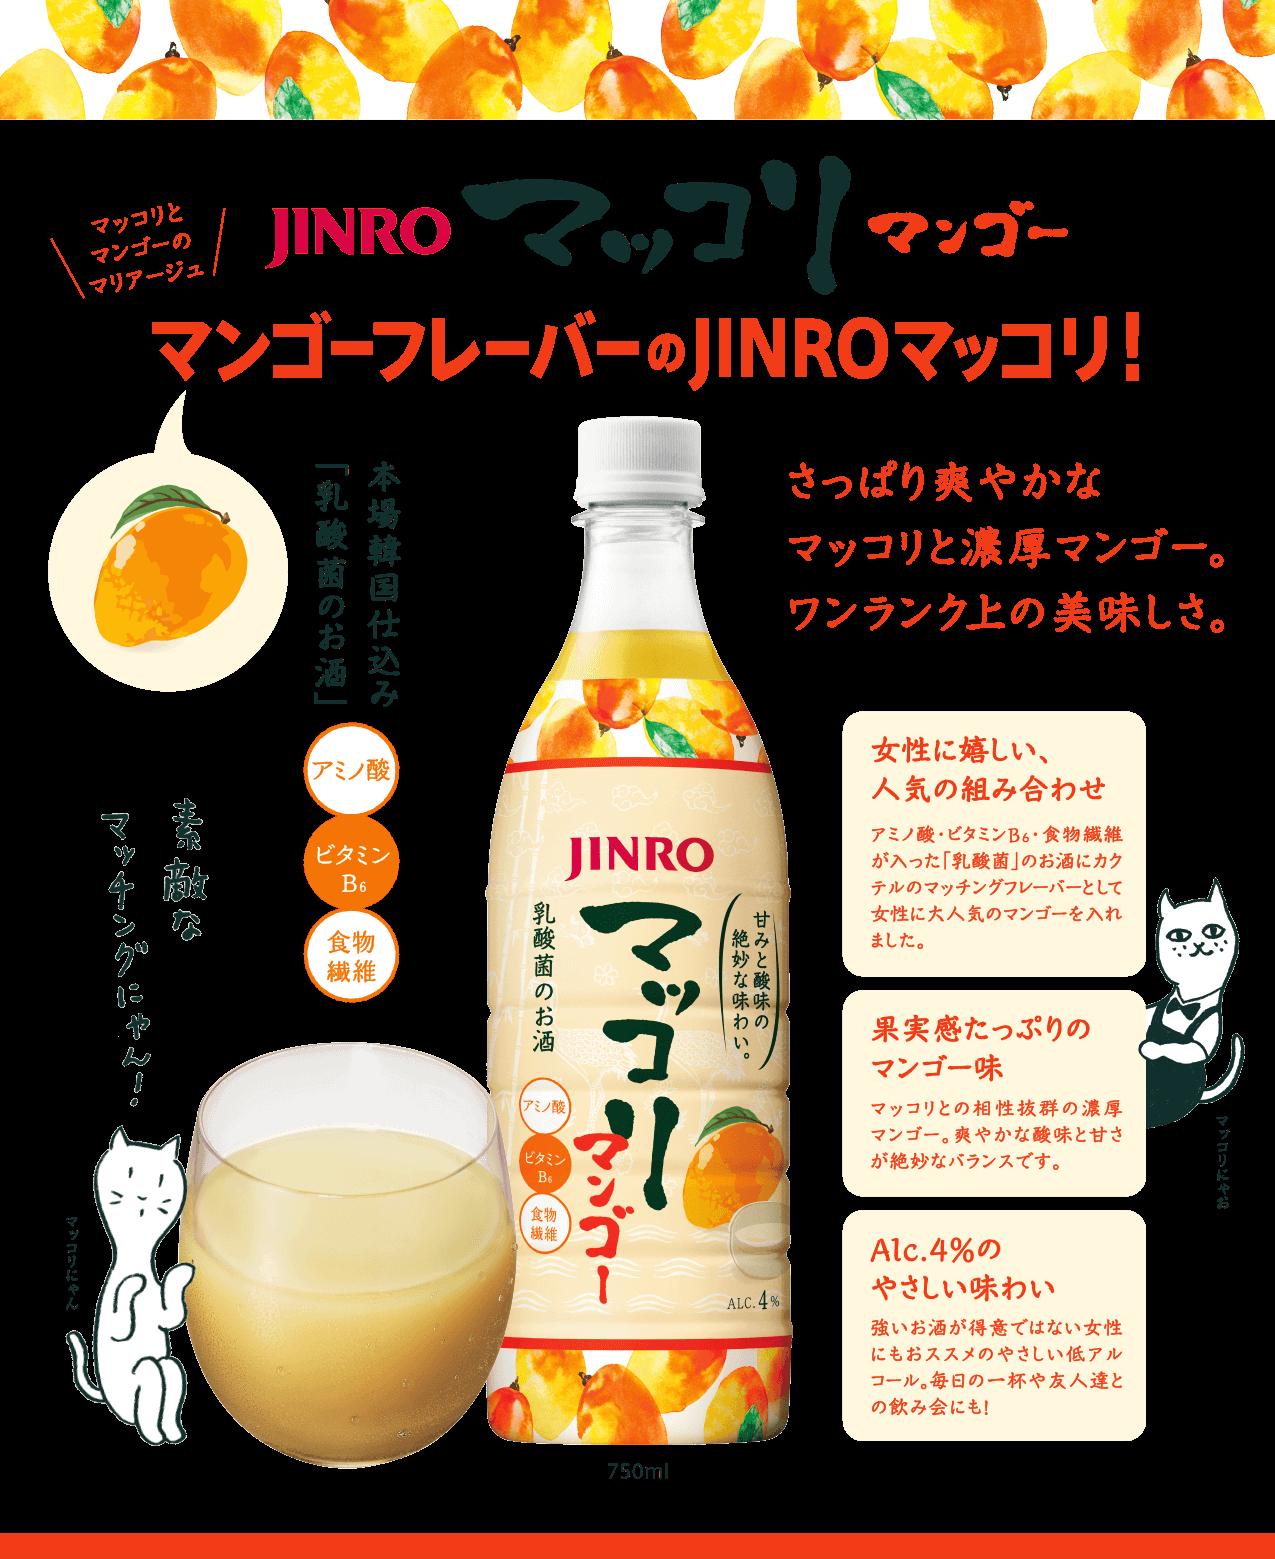 JINRO マッコリ マンゴー マンゴーフレーバーのJINROマッコリ!さっぱり爽やかなマッコリと濃厚マンゴー。ワンランク上の美味しさ。